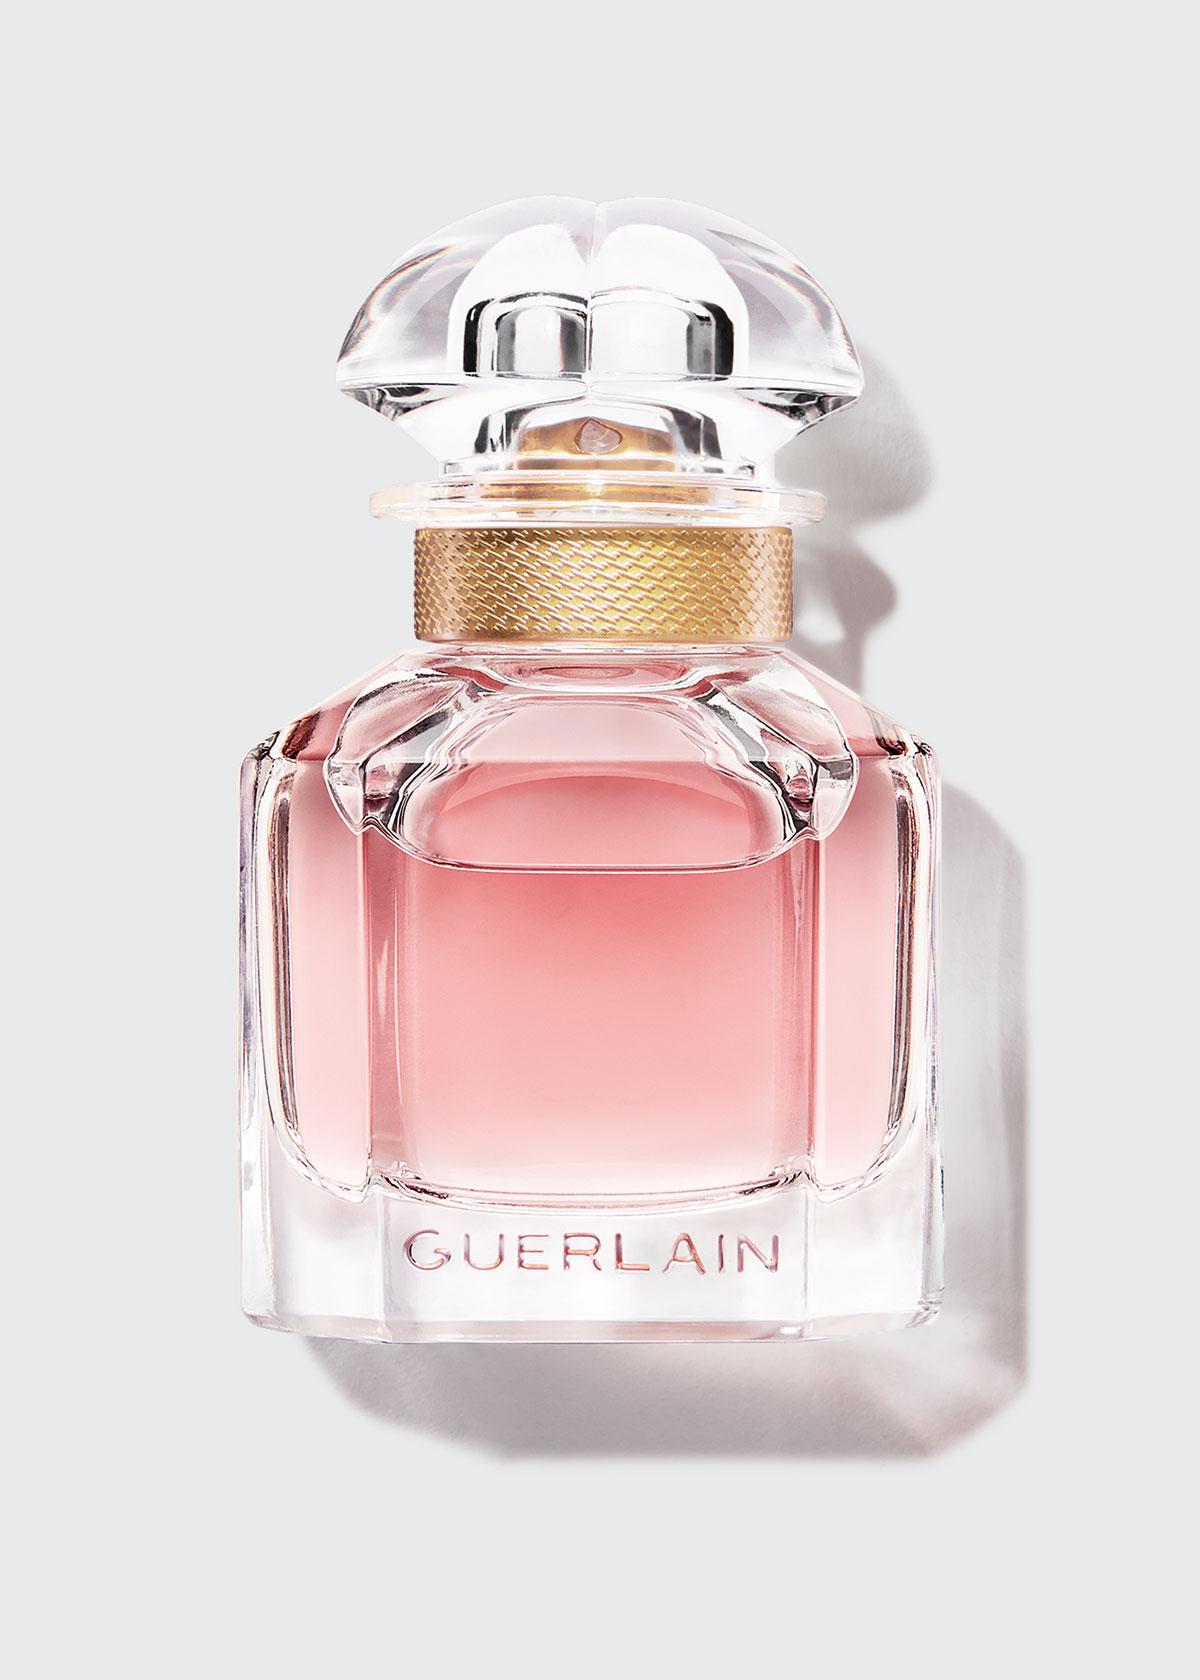 Guerlain MON GUERLAIN EAU DE PARFUM SPRAY, 1 OZ./ 30 ML